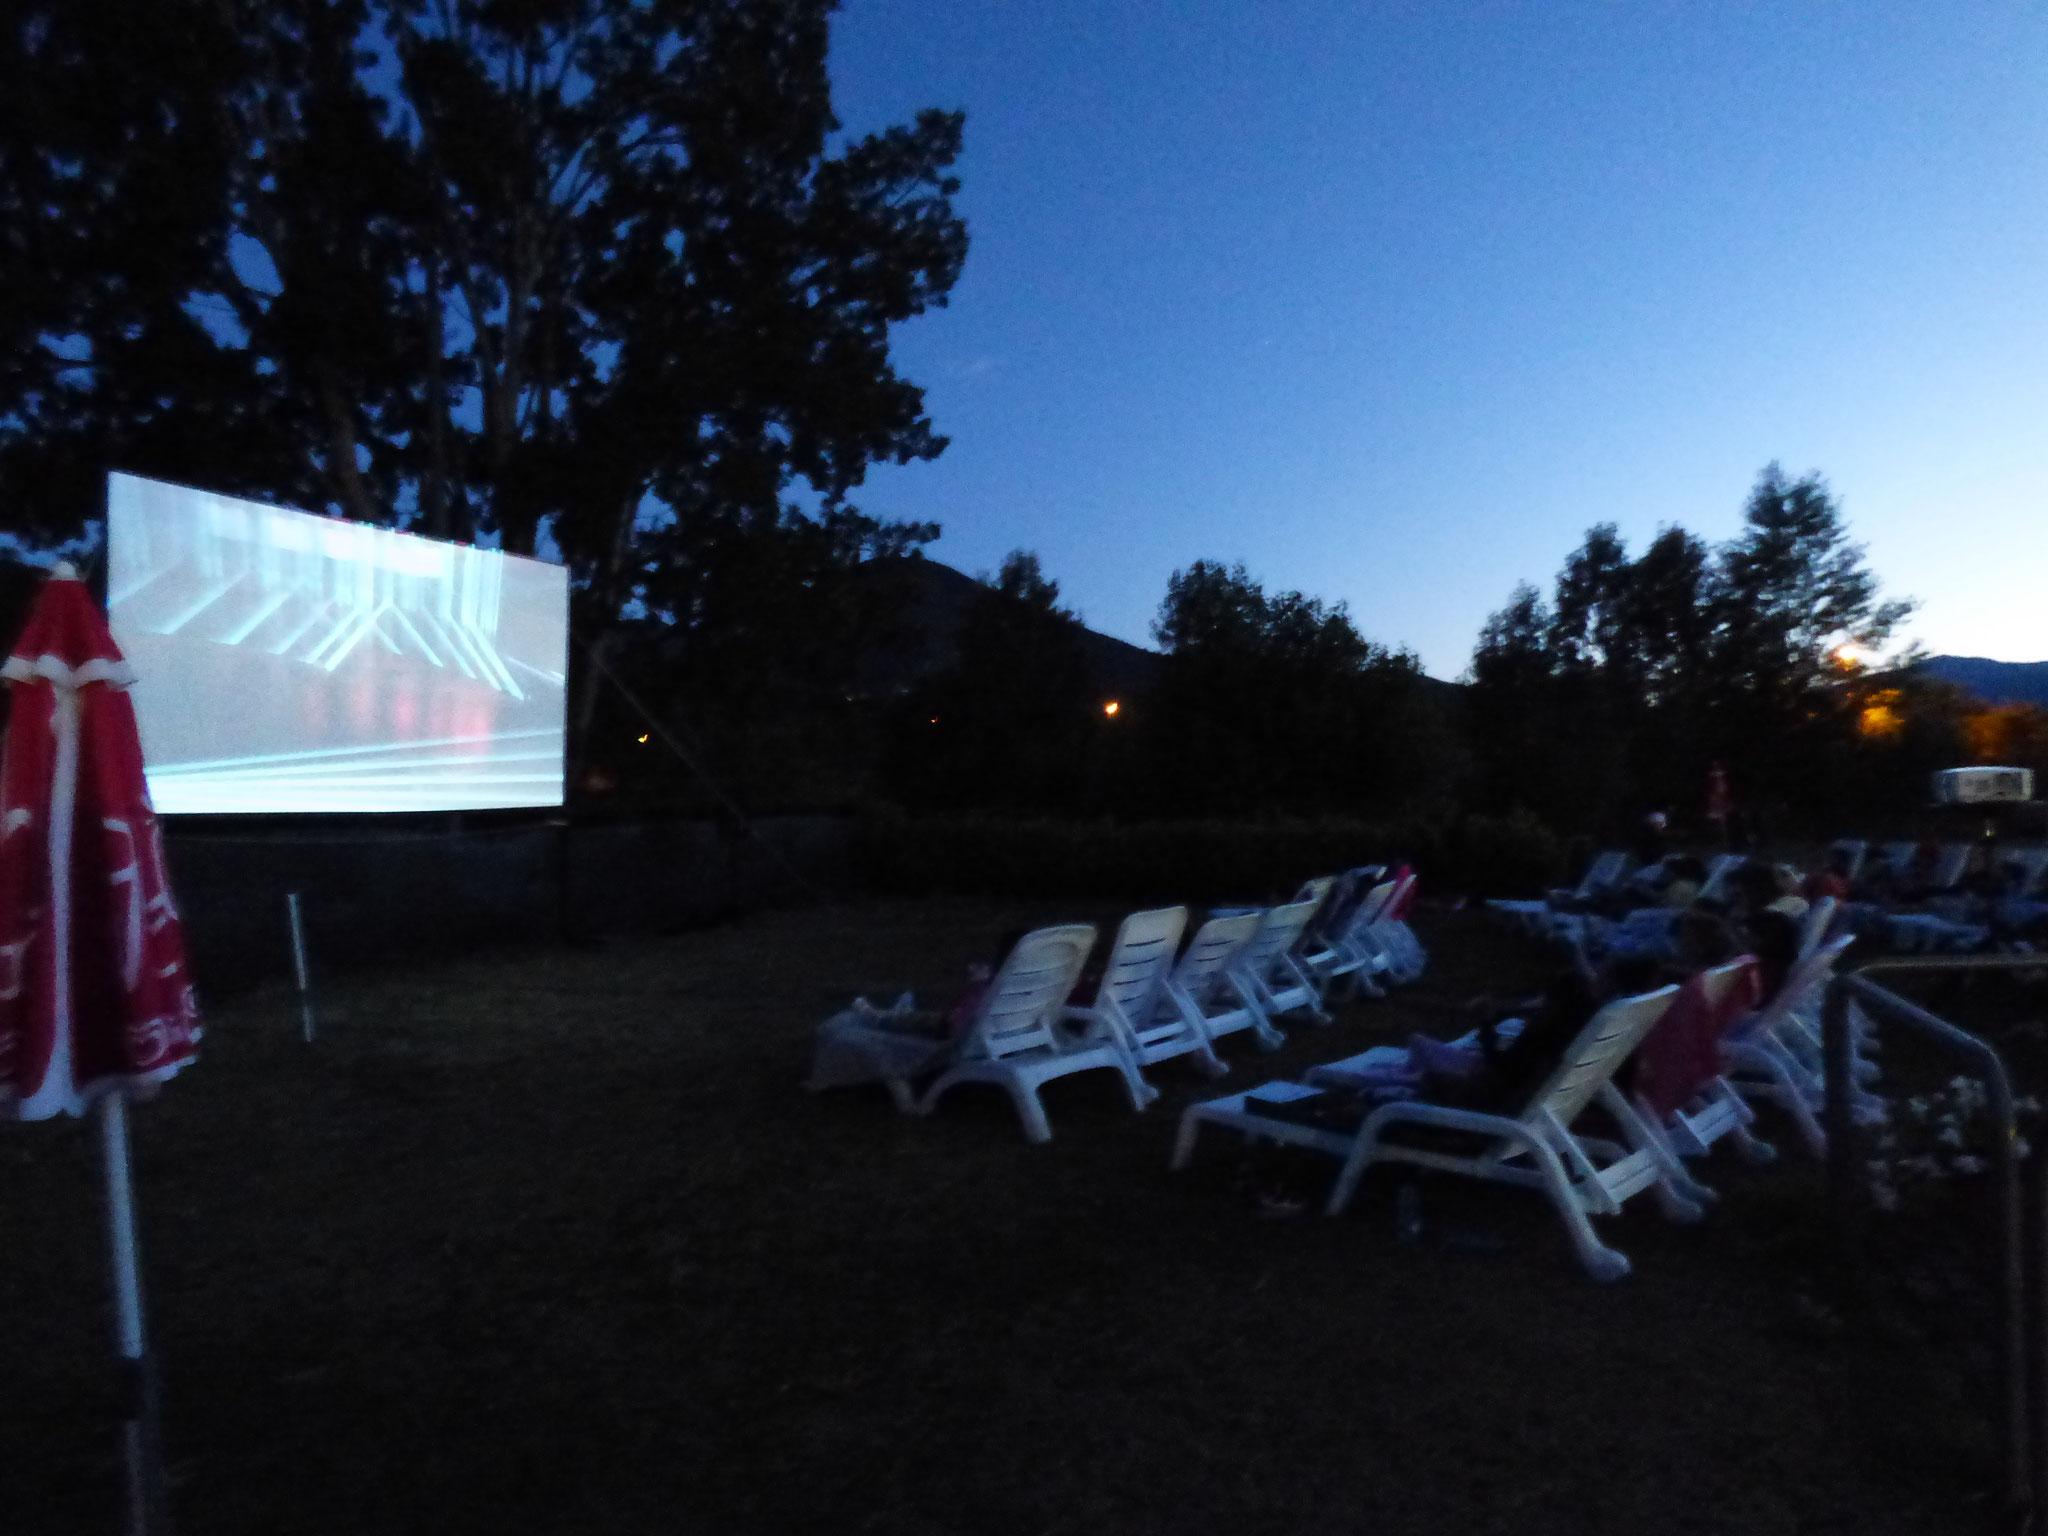 Cinema in piscina, a Perino si può. La prima cine – piscina della val trebbia.Cinema in piscina, a Perino si può. La prima cine – piscina della val trebbia.